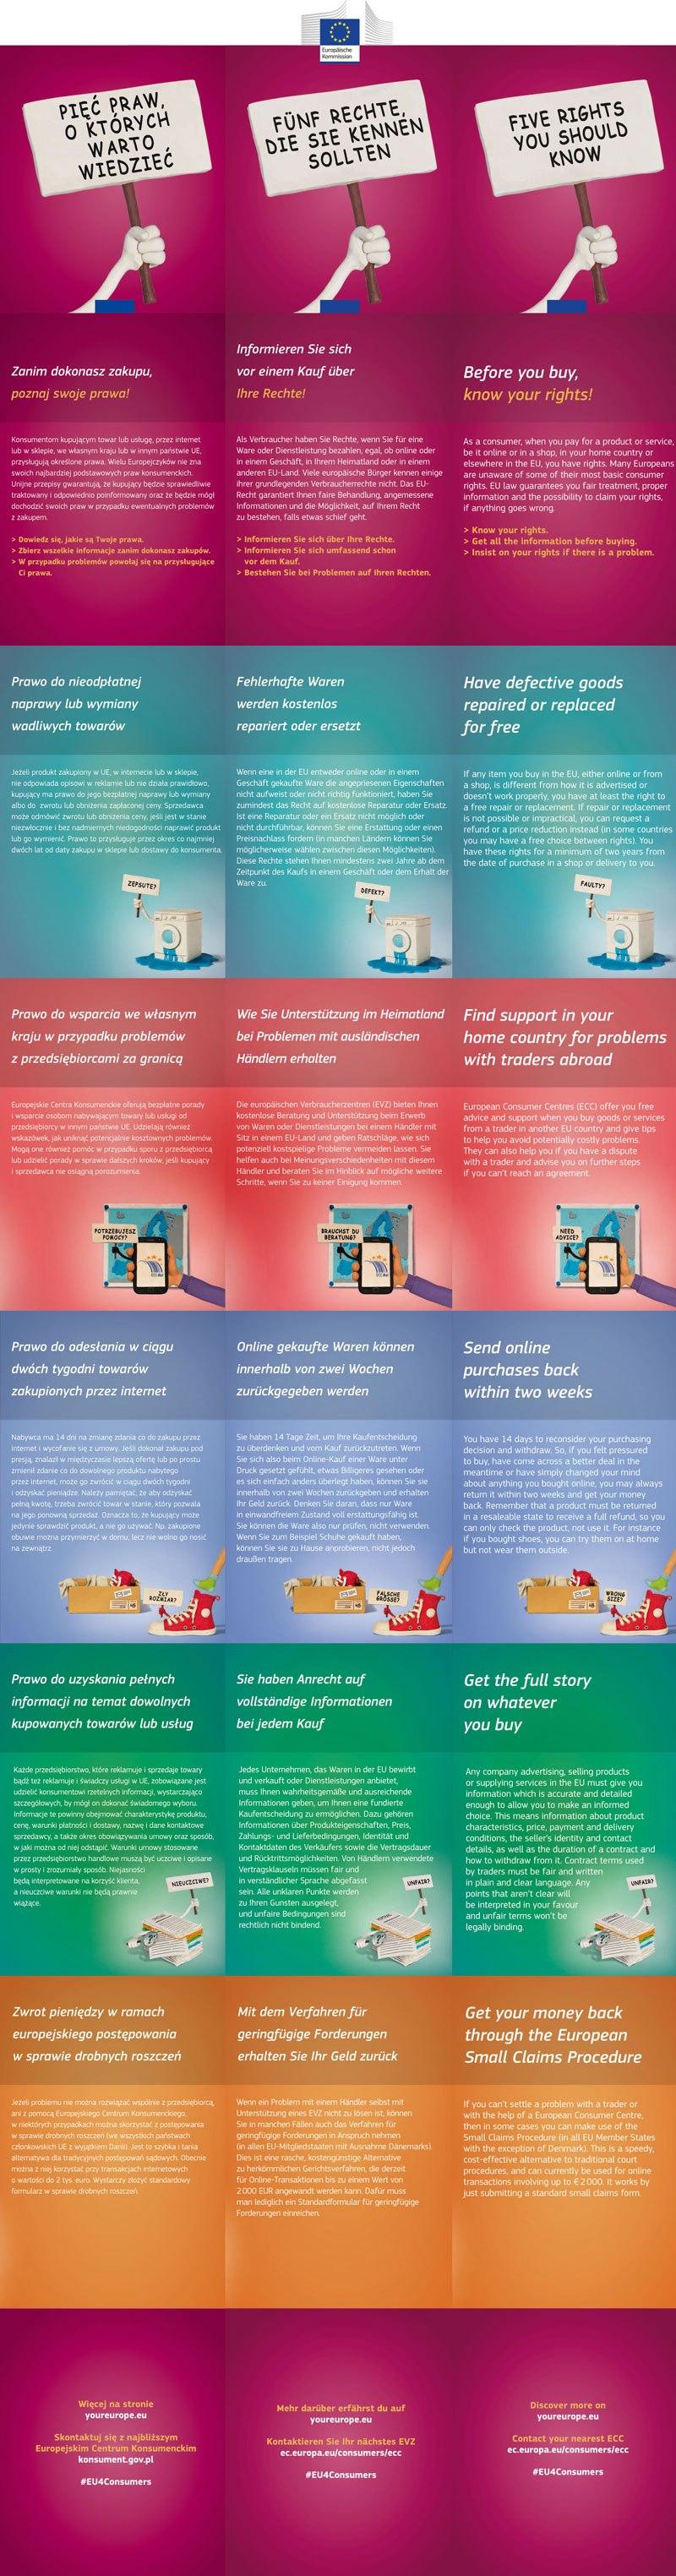 five_key_consumer_rights_pl_de_en